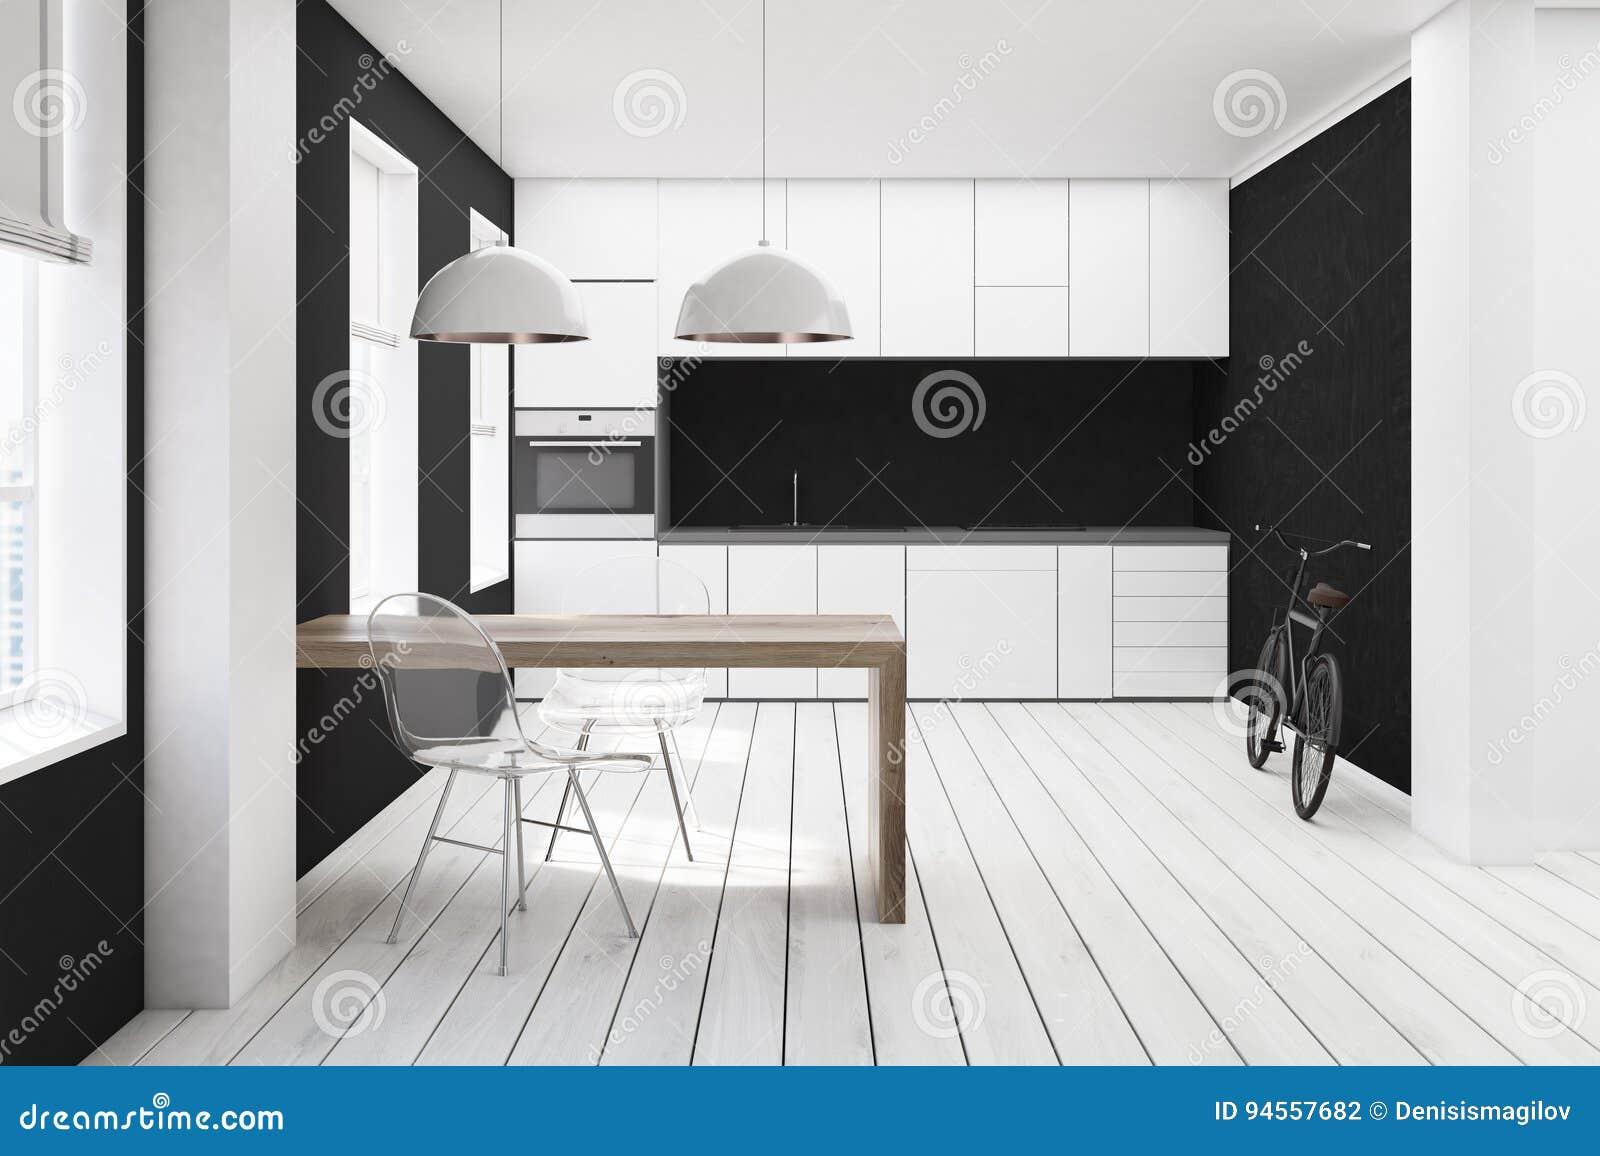 Awesome Cucina Bianca E Nera Contemporary - Home Interior Ideas ...